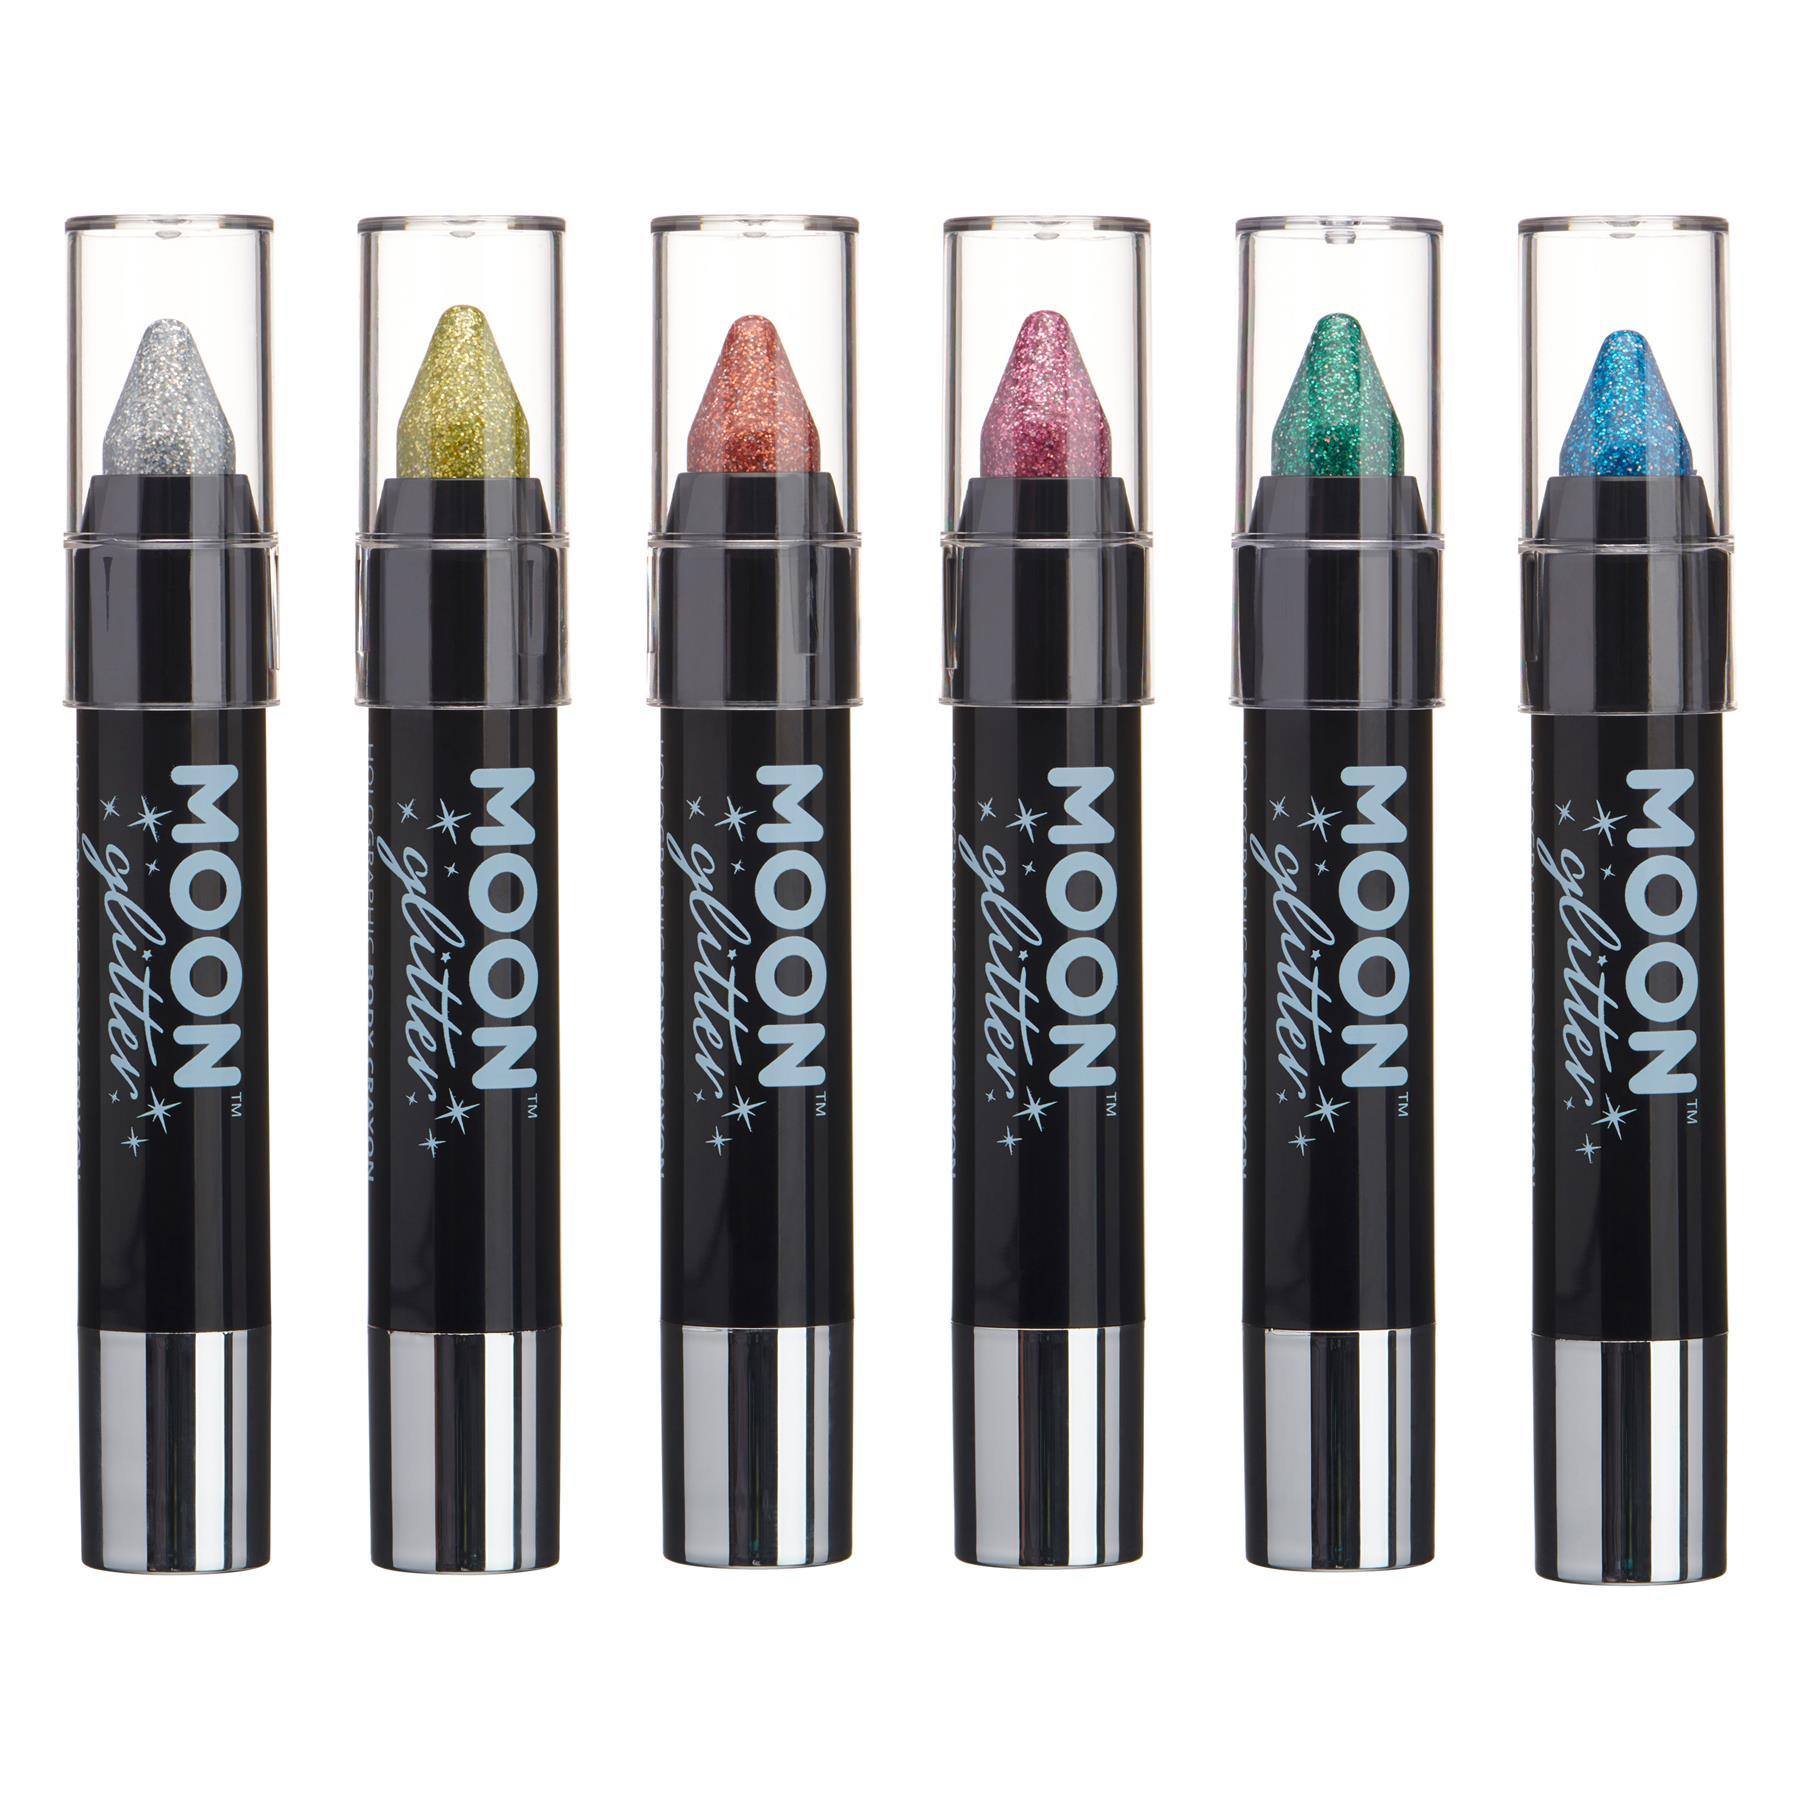 Buono Glitter Olografica Vernice Stick/corpo Crayon Da Moon Glitter - 3.5g - Set Di 6-mostra Il Titolo Originale Con Il Miglior Servizio